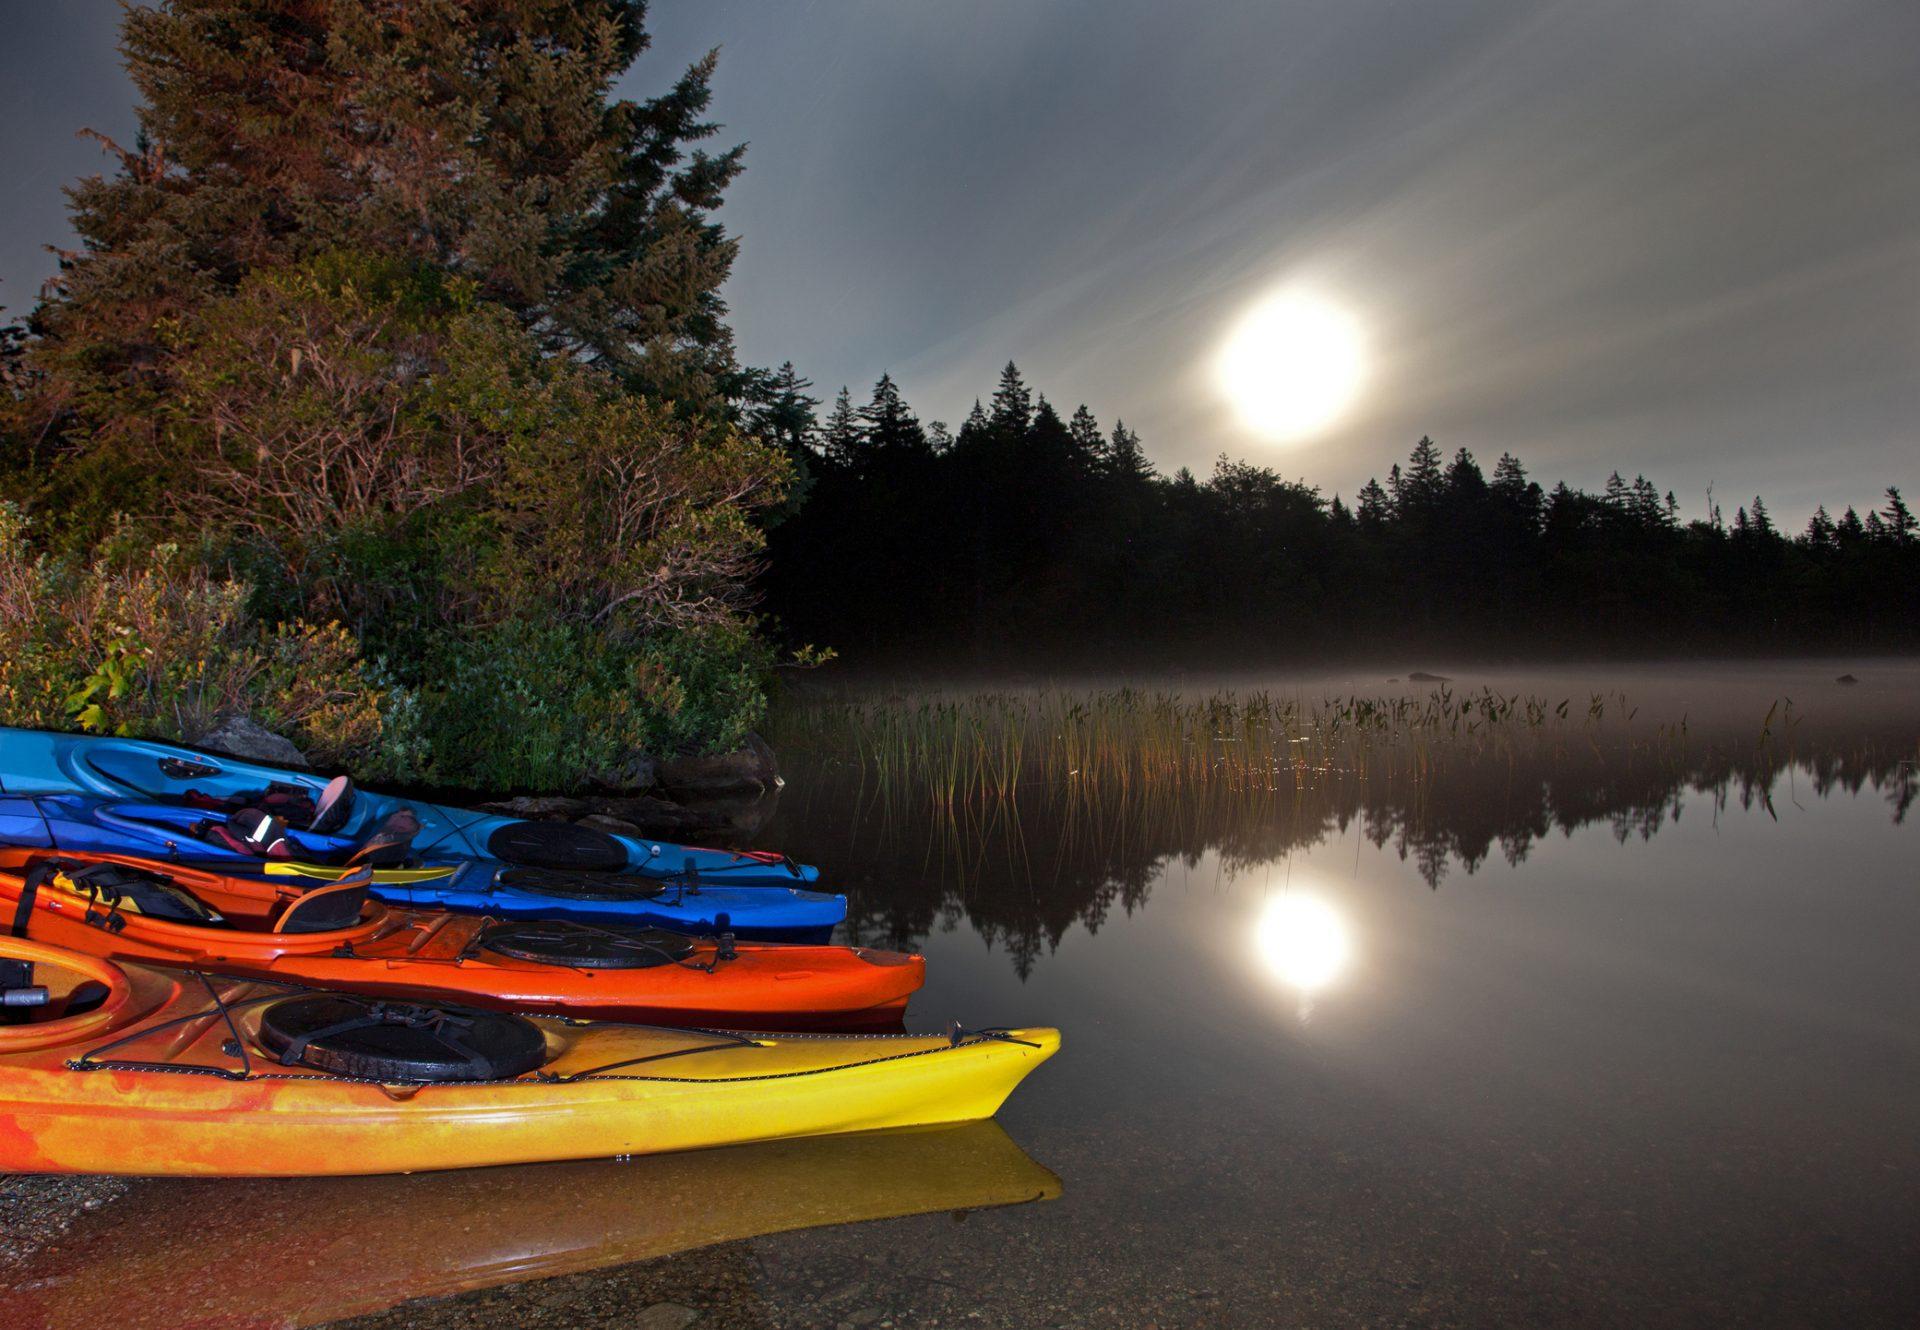 camping at nighttime